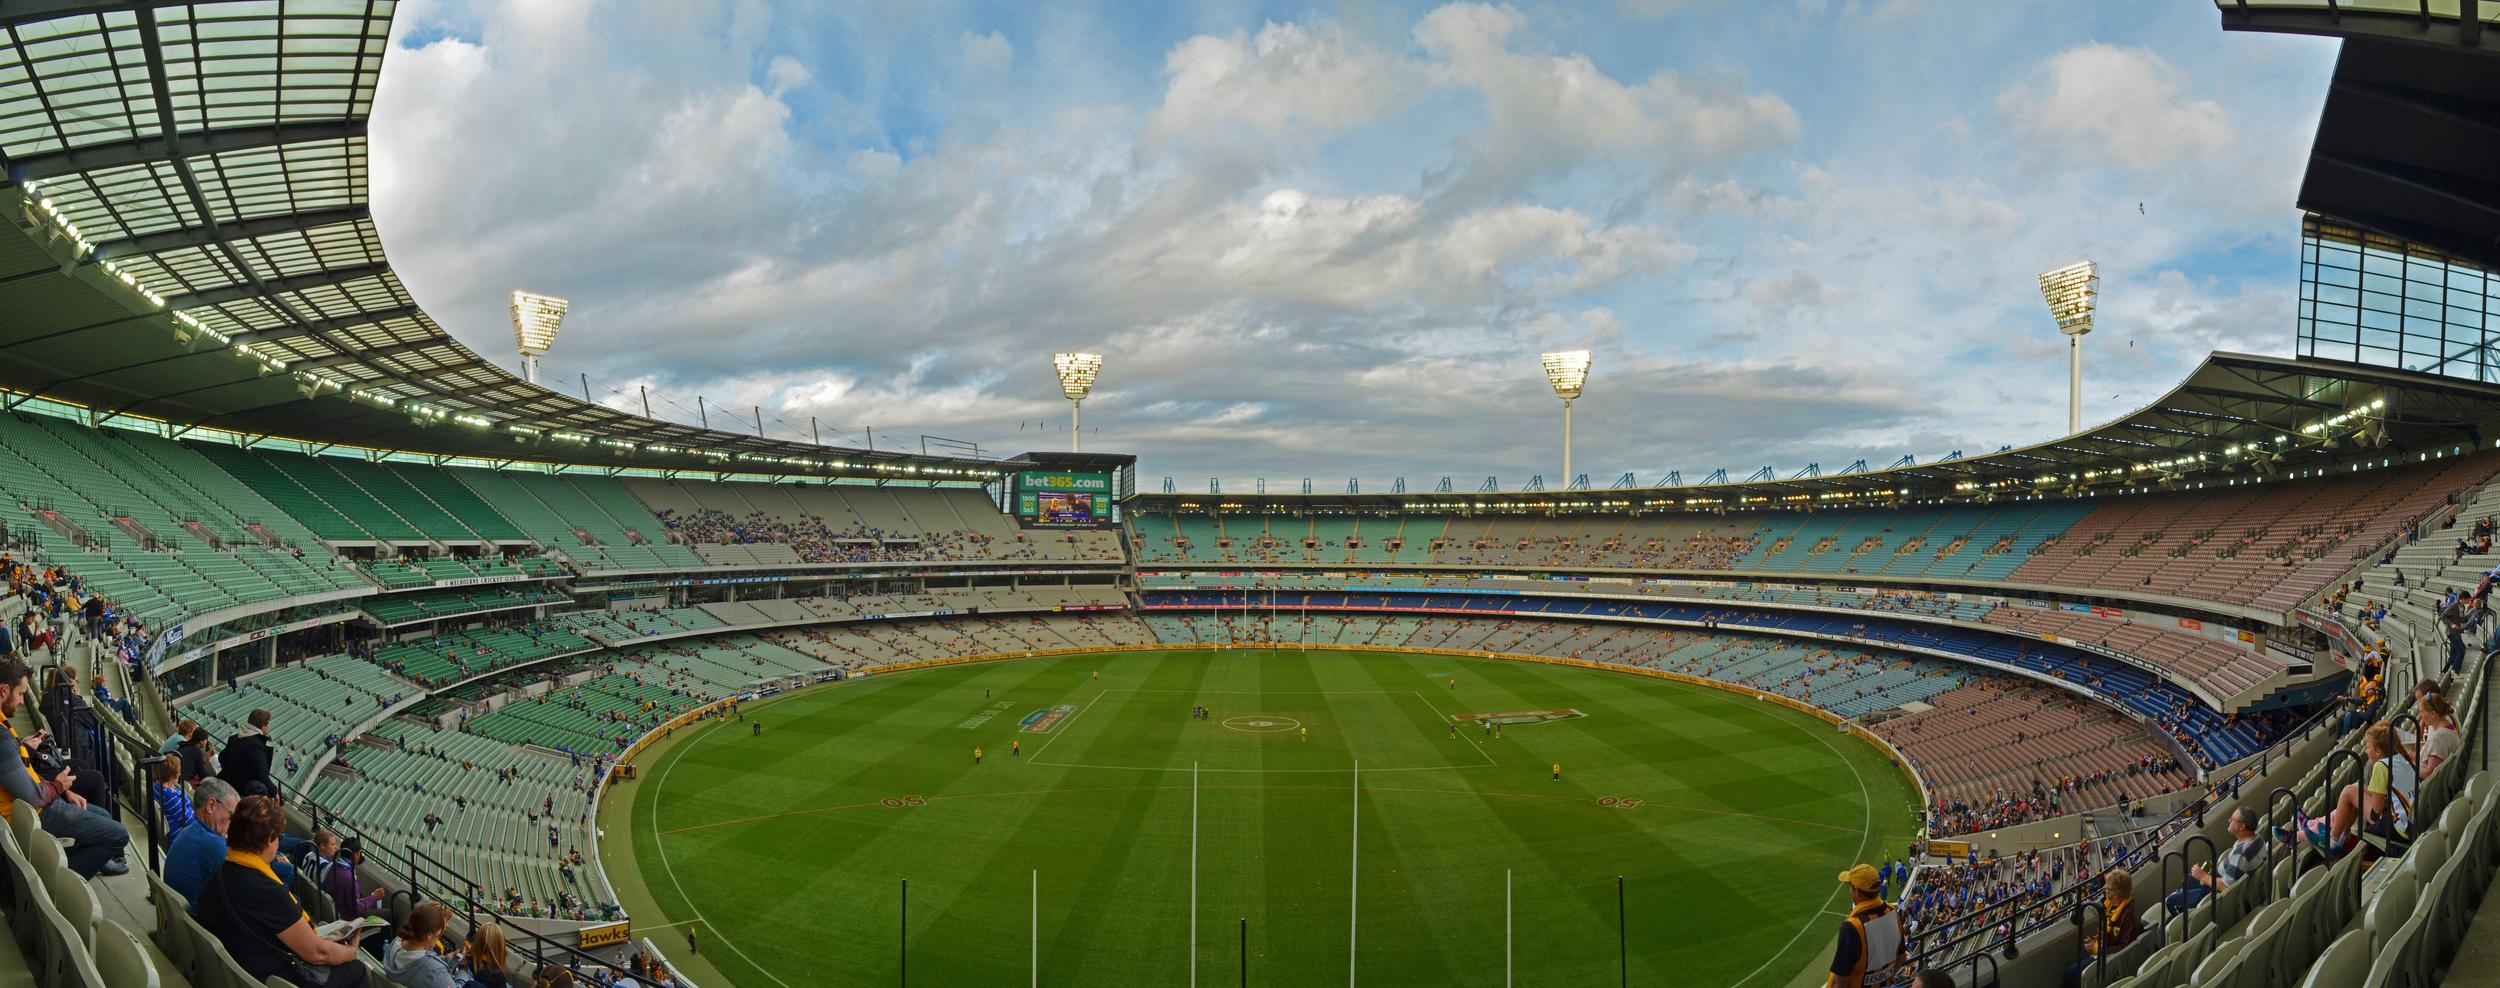 [28] MCG Stadium, Melbourne, Victoria.